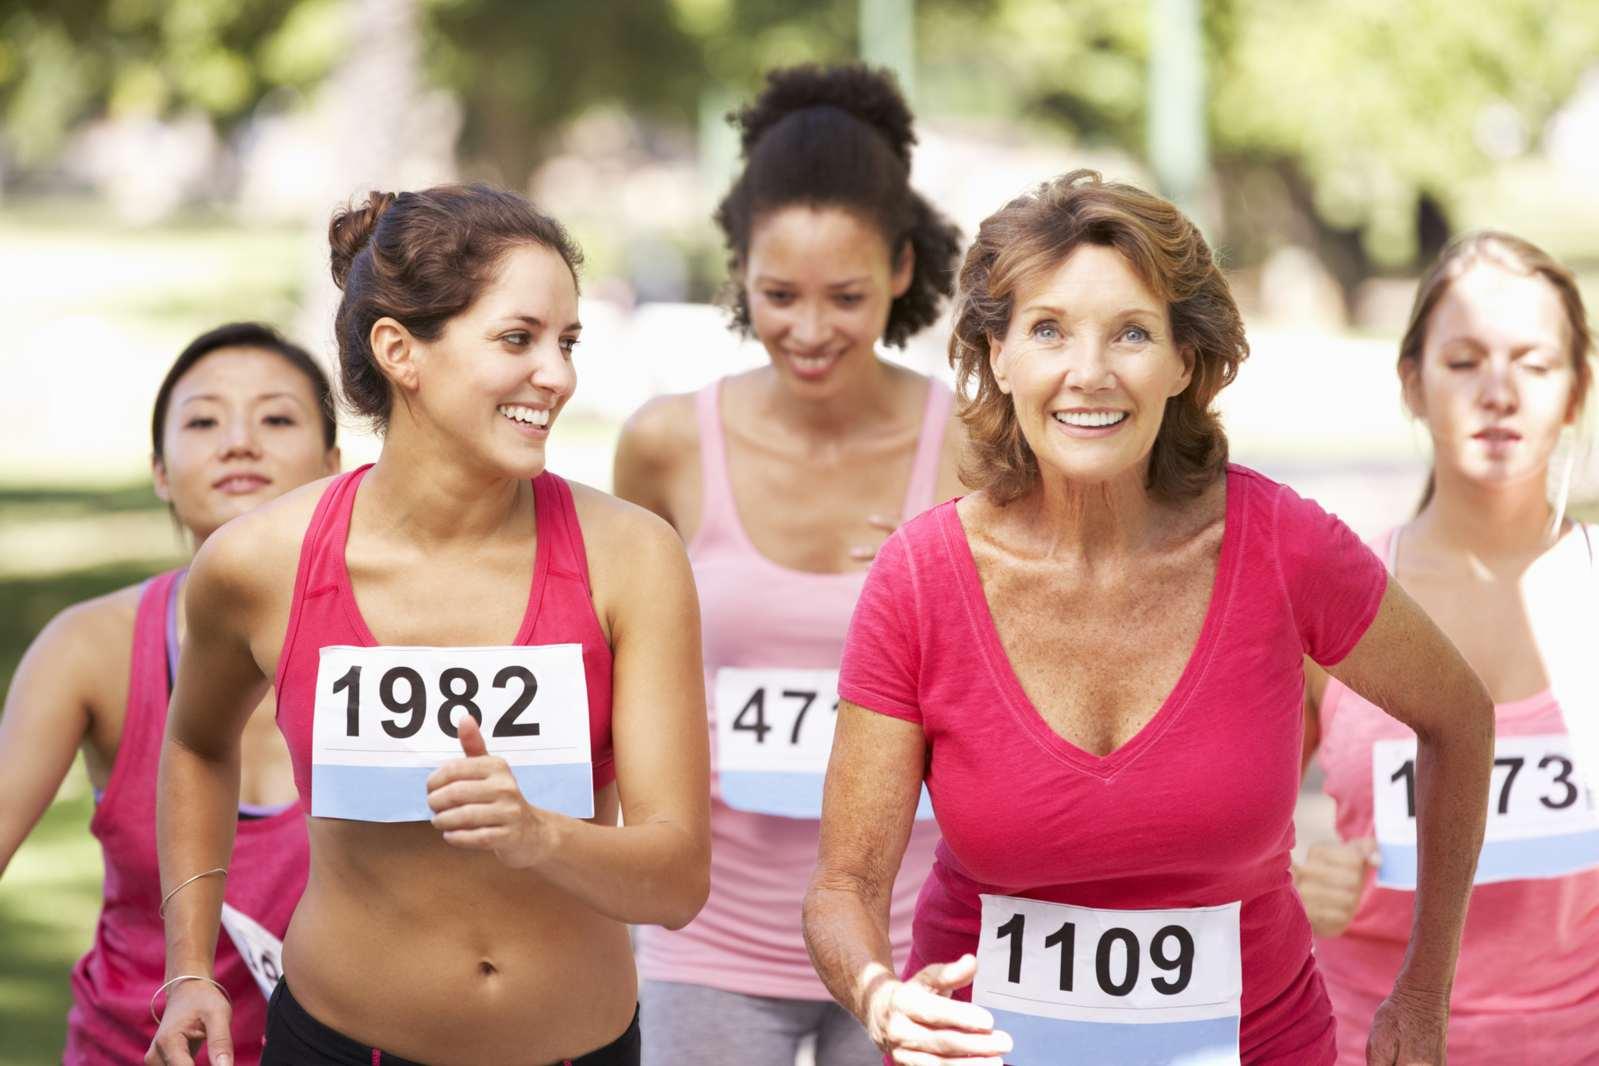 Race for the Cure, la lotta ai tumori al seno corre veloce